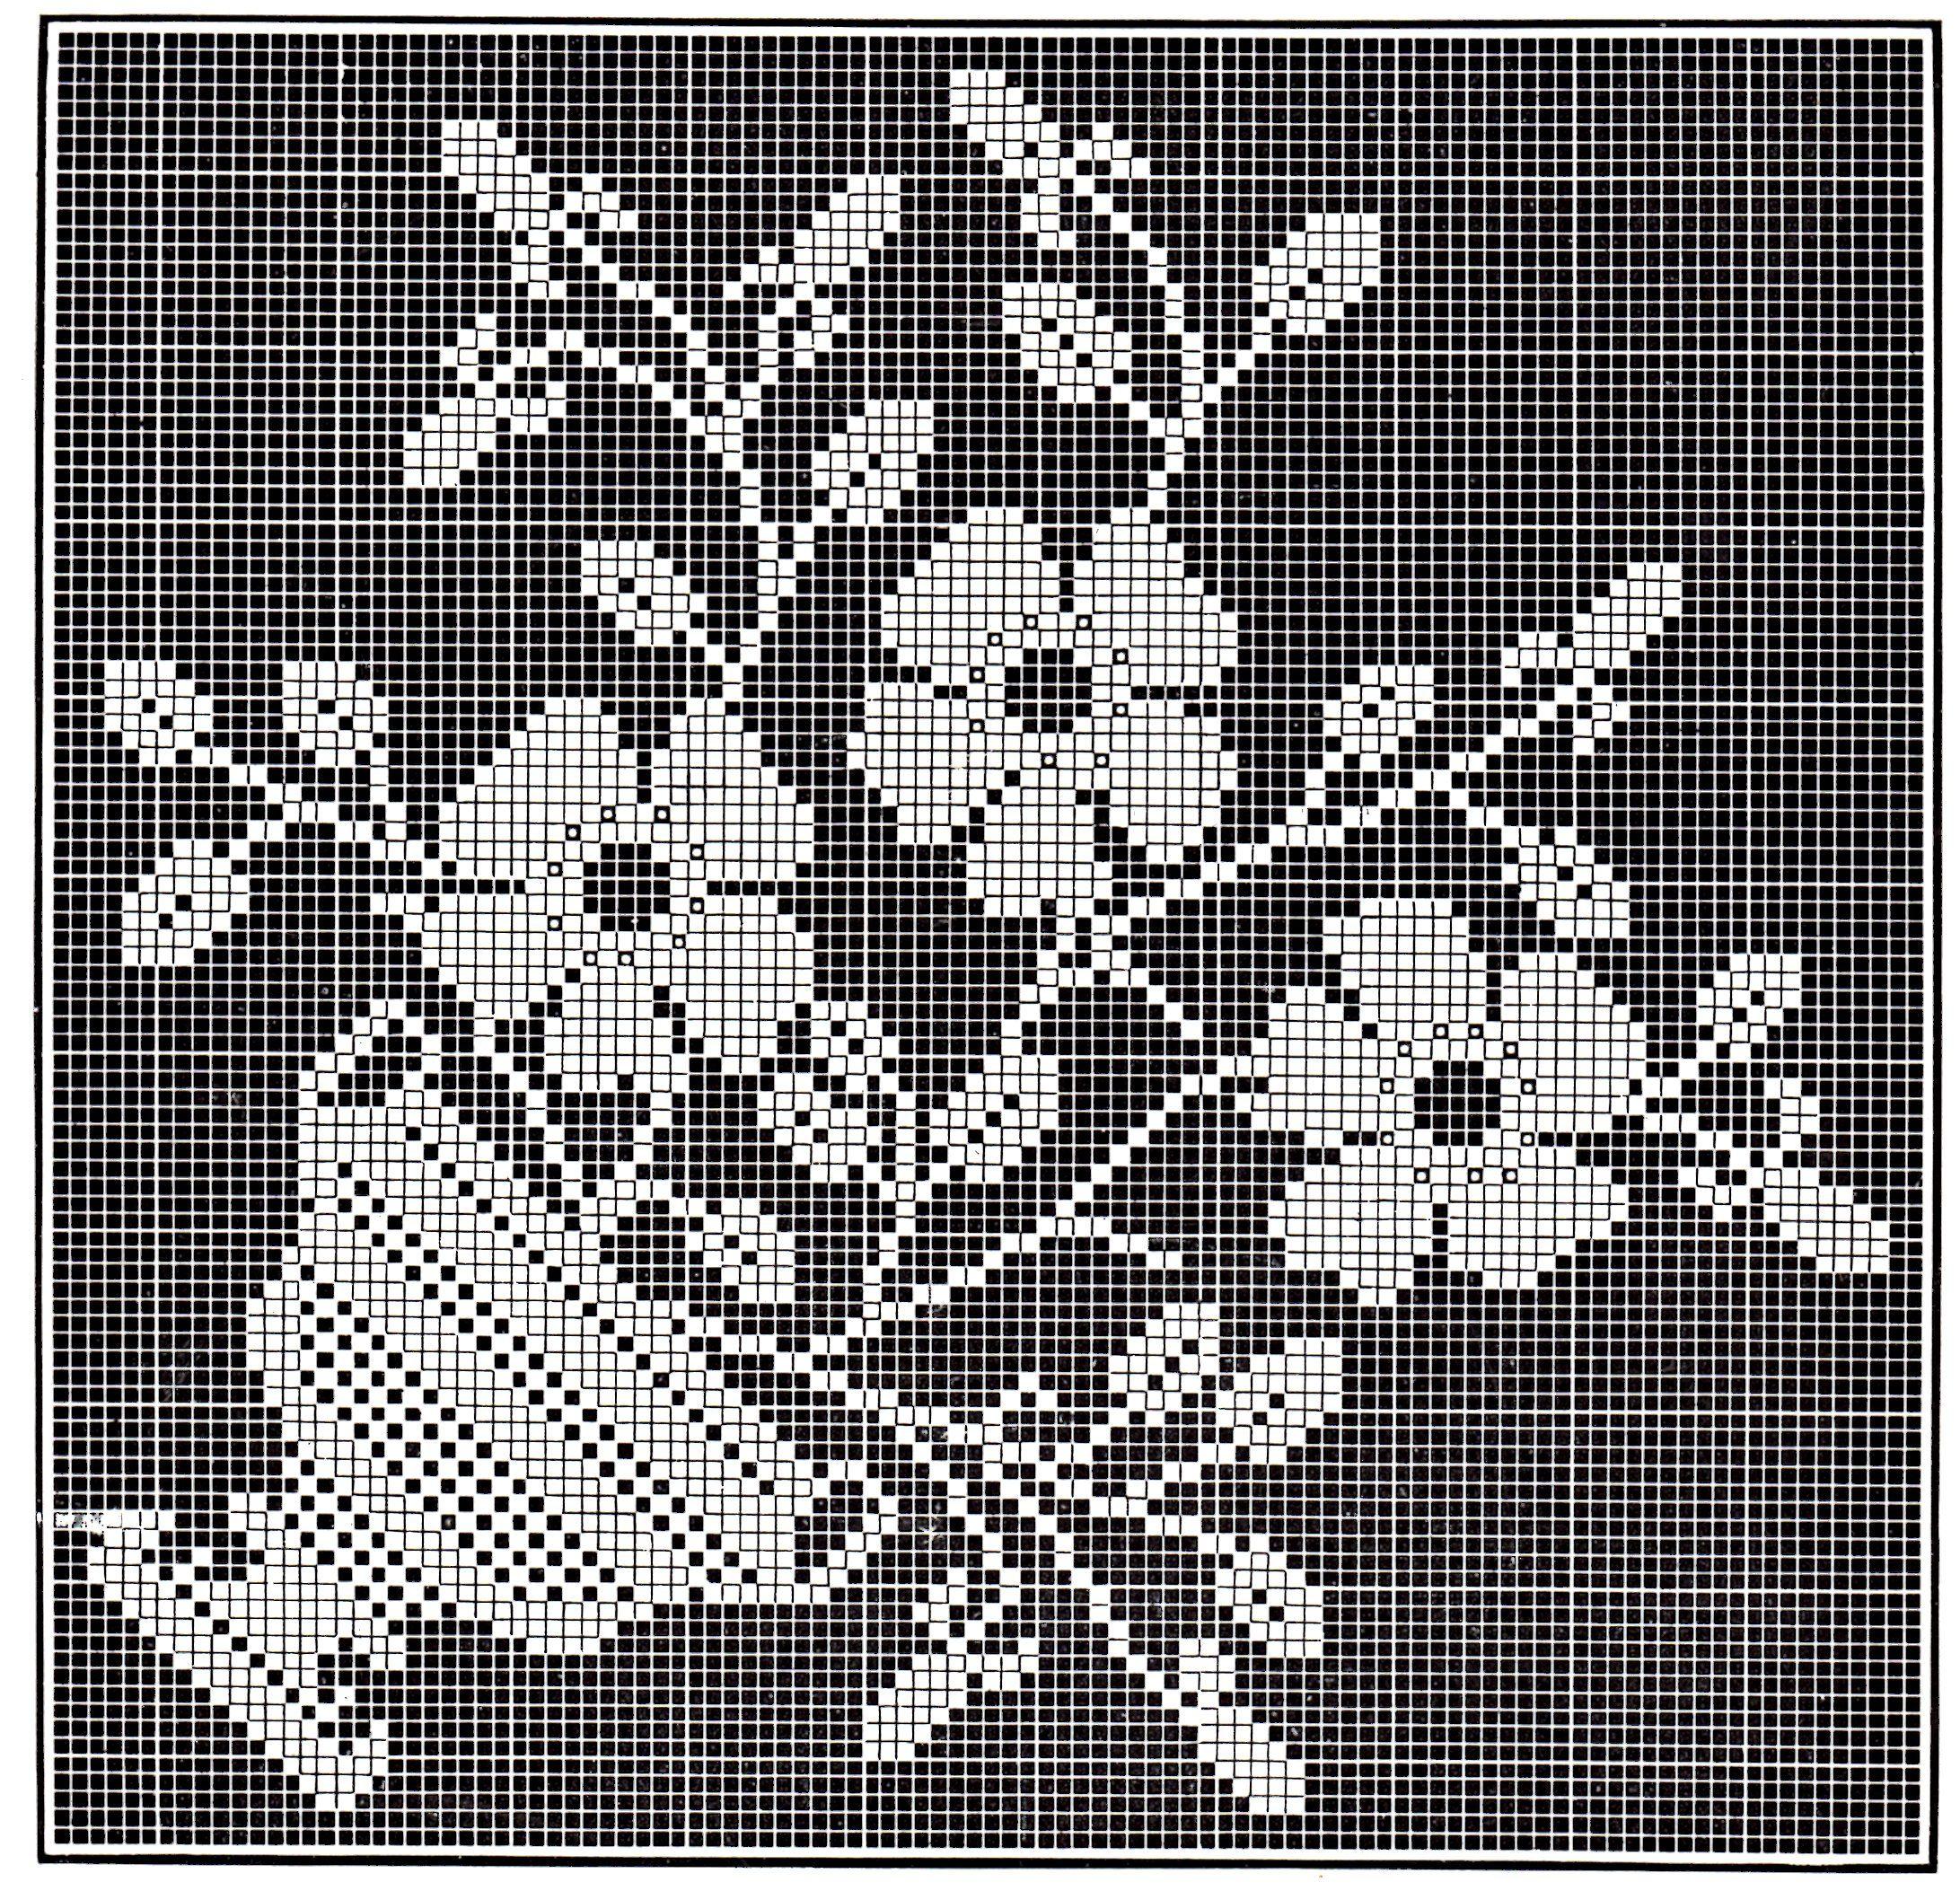 Free filet crochet patterns free filet crochet pattern vintage free filet crochet patterns free filet crochet pattern vintage crafts and more page bankloansurffo Images